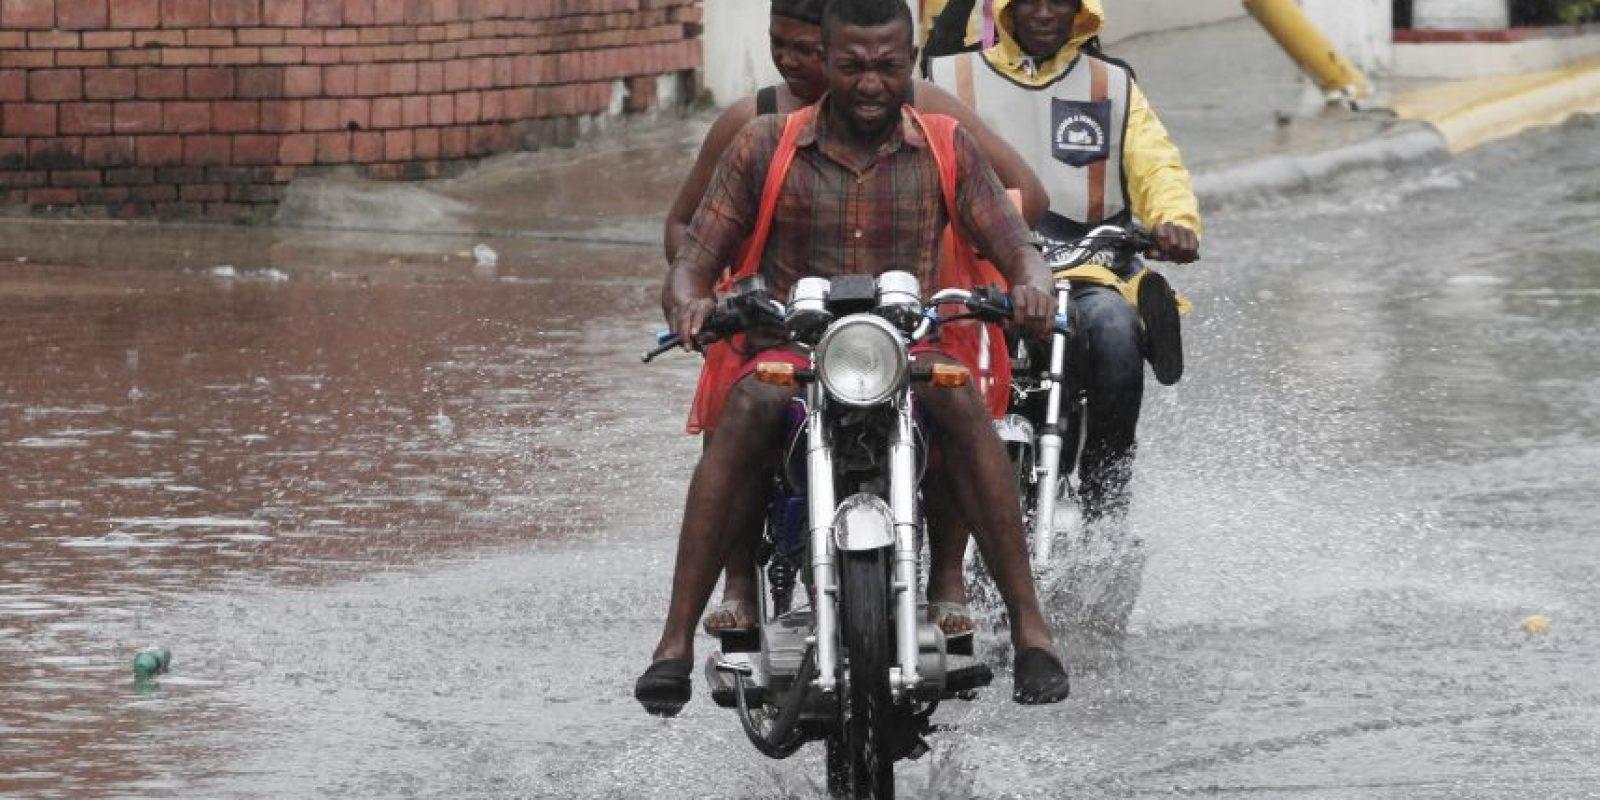 Las lluvias de ayer dificultaron el tránsito en Santo Domingo y redujeron la temperatura. Foto: Roberto Guzmán